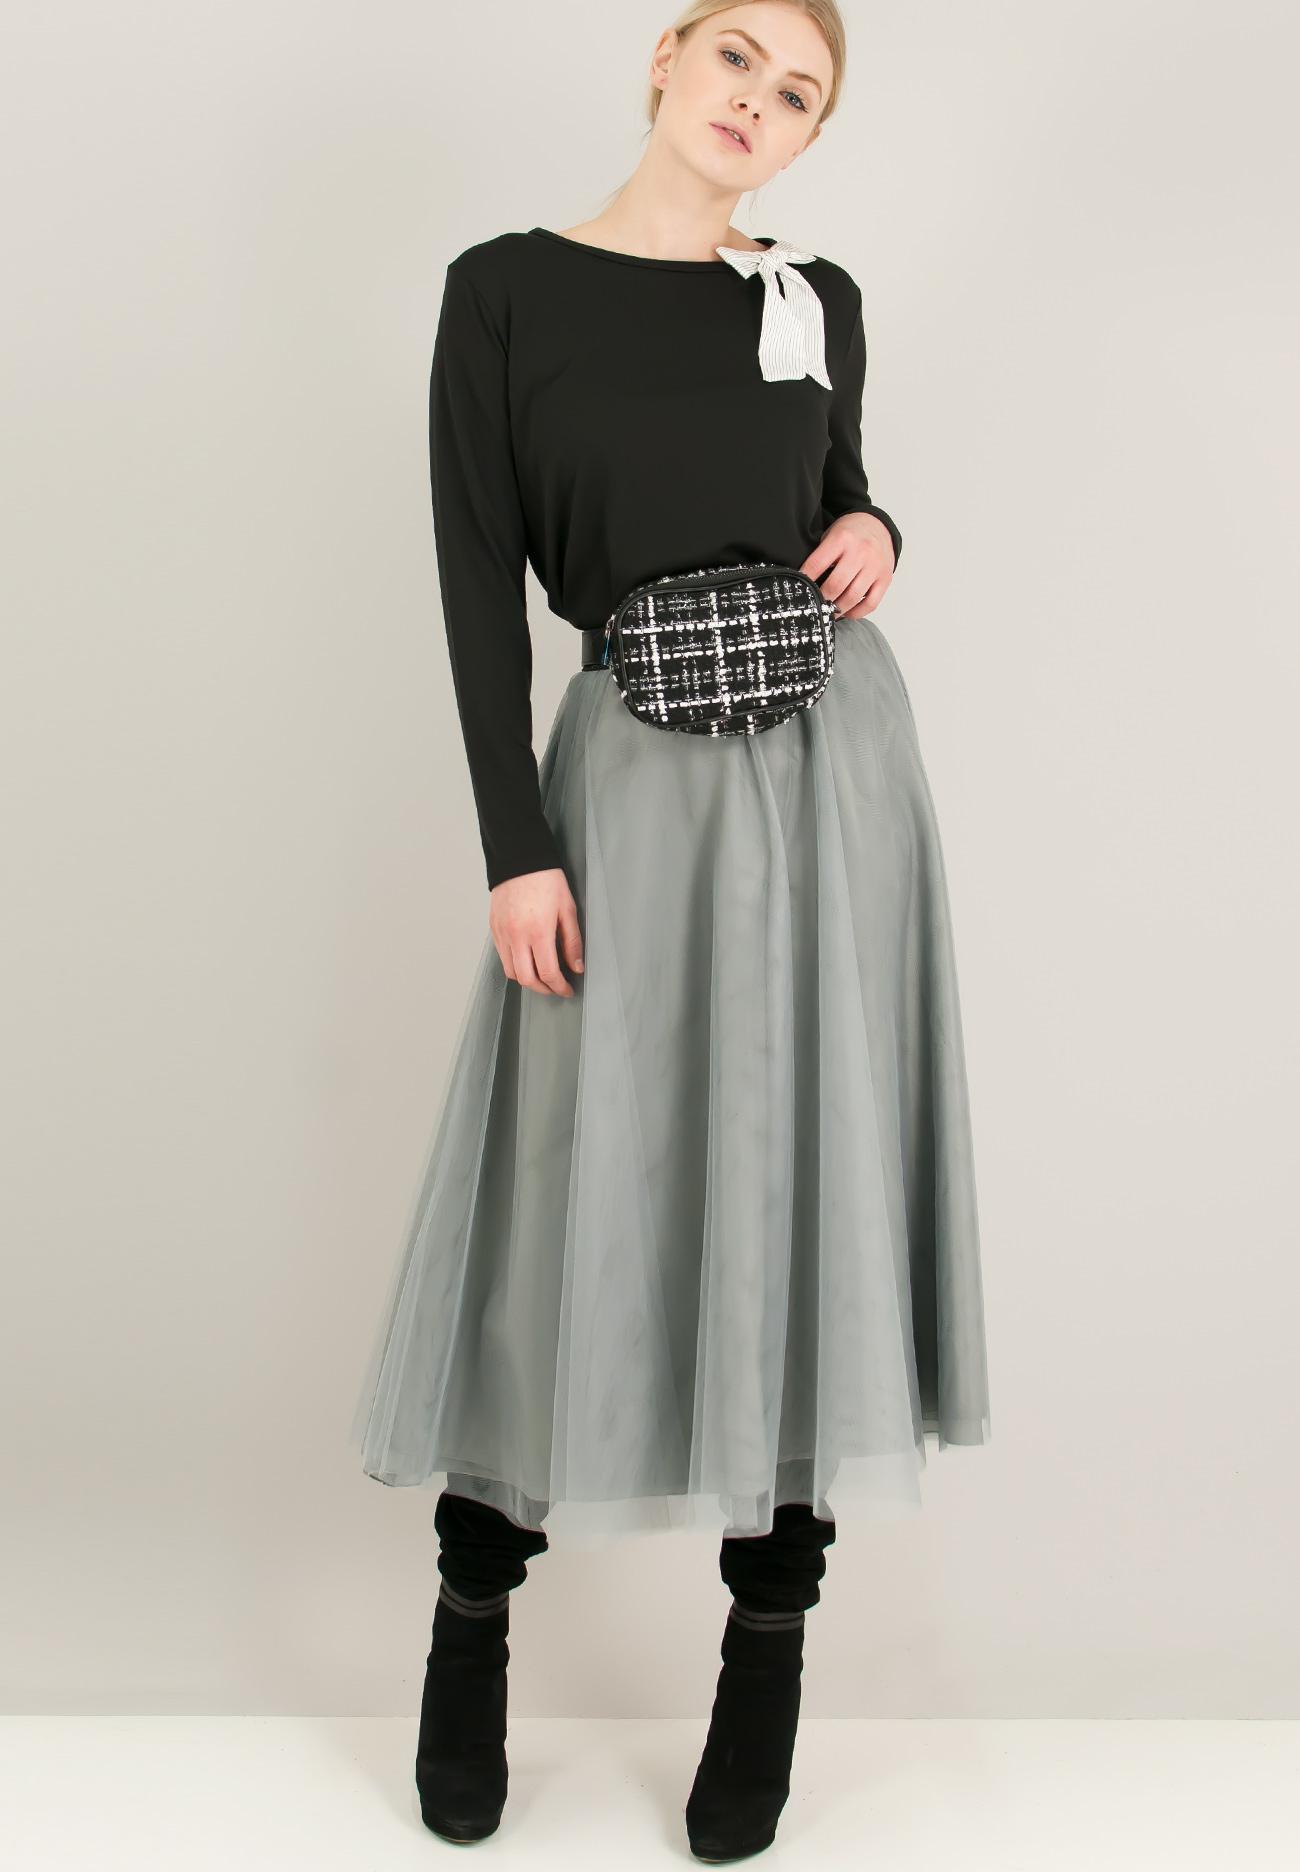 Τούλινη φούστα με λάστιχο στη μέση - ZIC ZAC ecef1654590